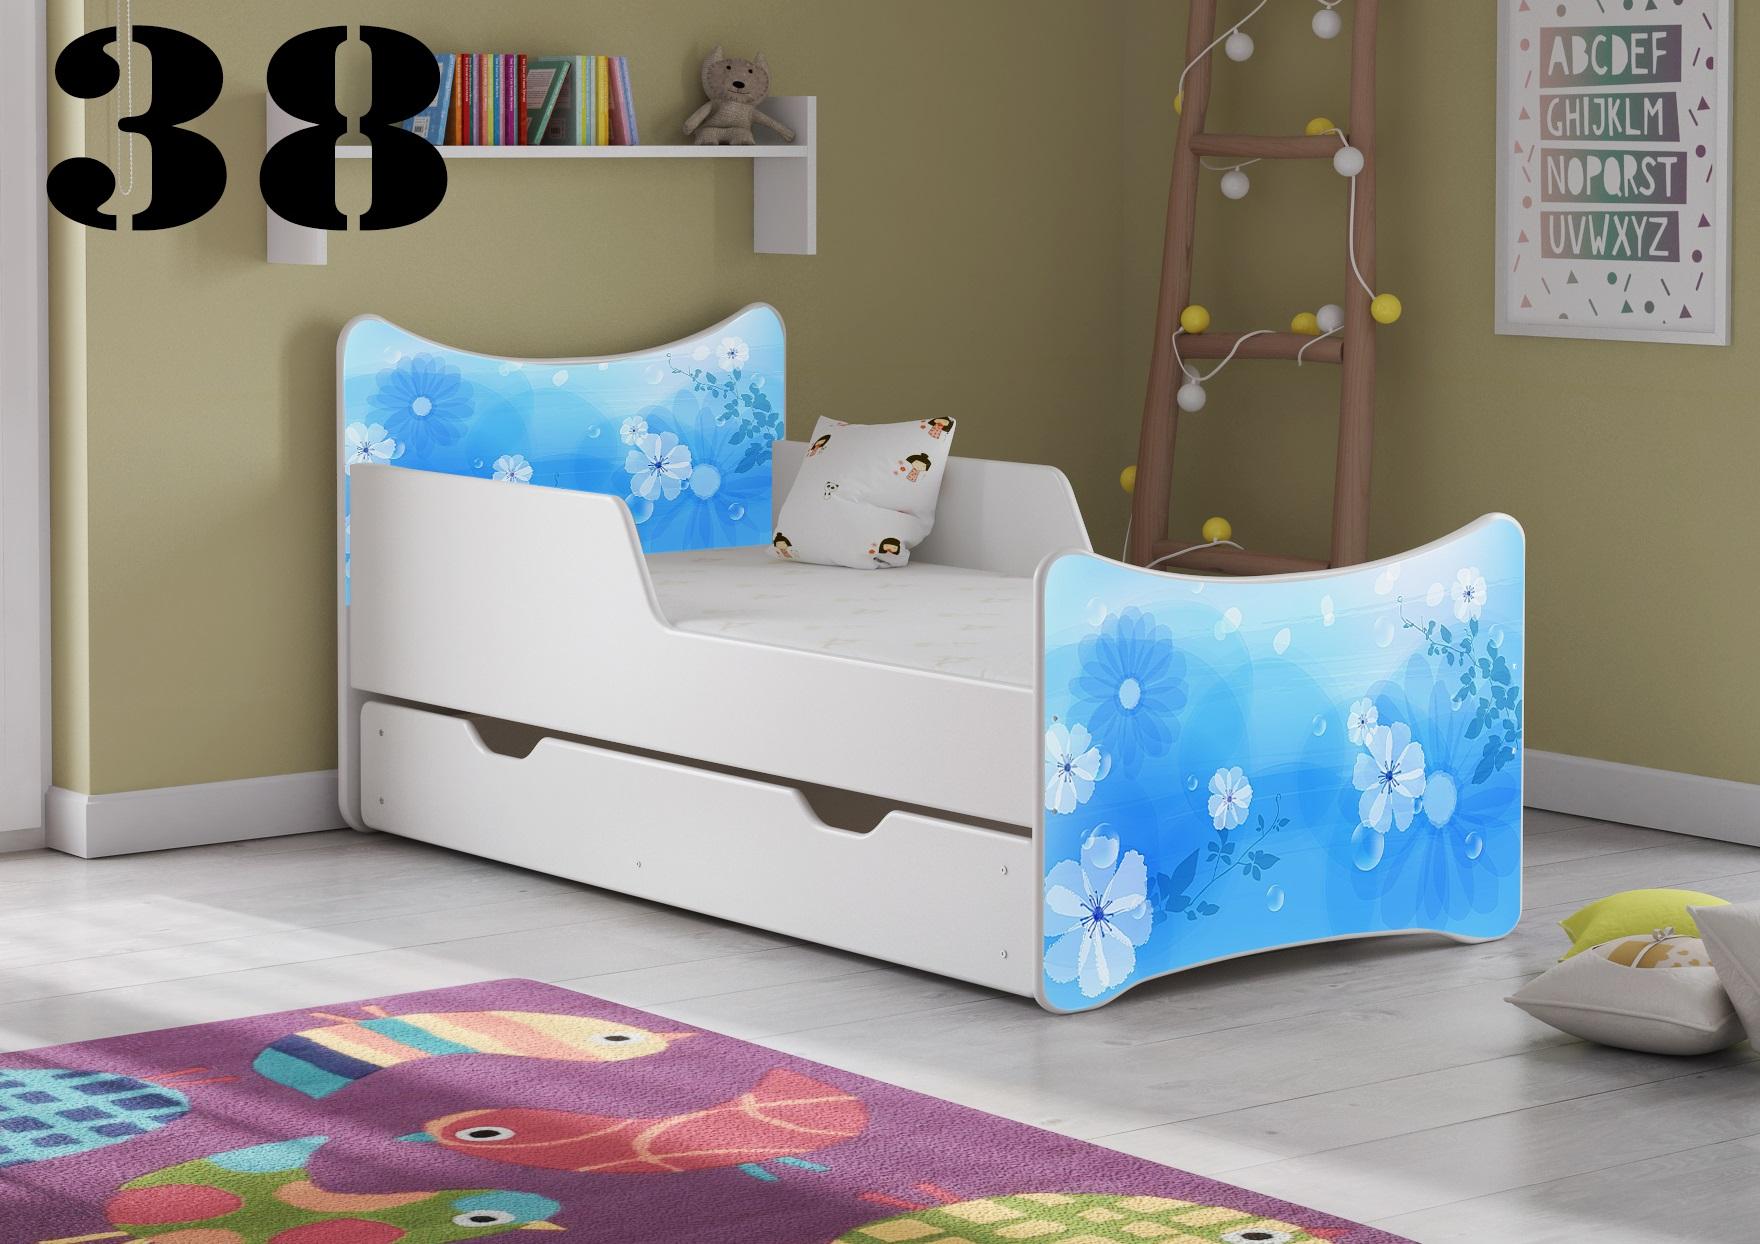 Detská posteľ SMB Pes a mačka 16 Prevedenie: Obrázok č.38